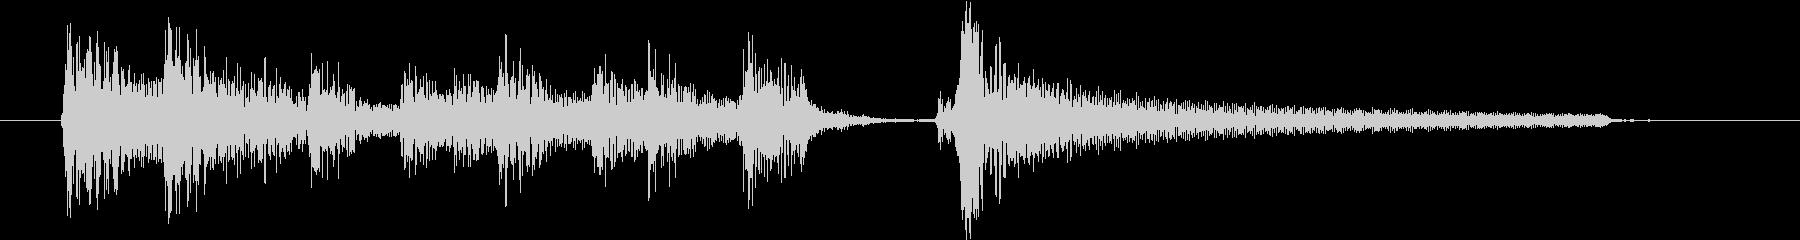 ギター1本、ボサノバ、ジングル、ゆったりの未再生の波形